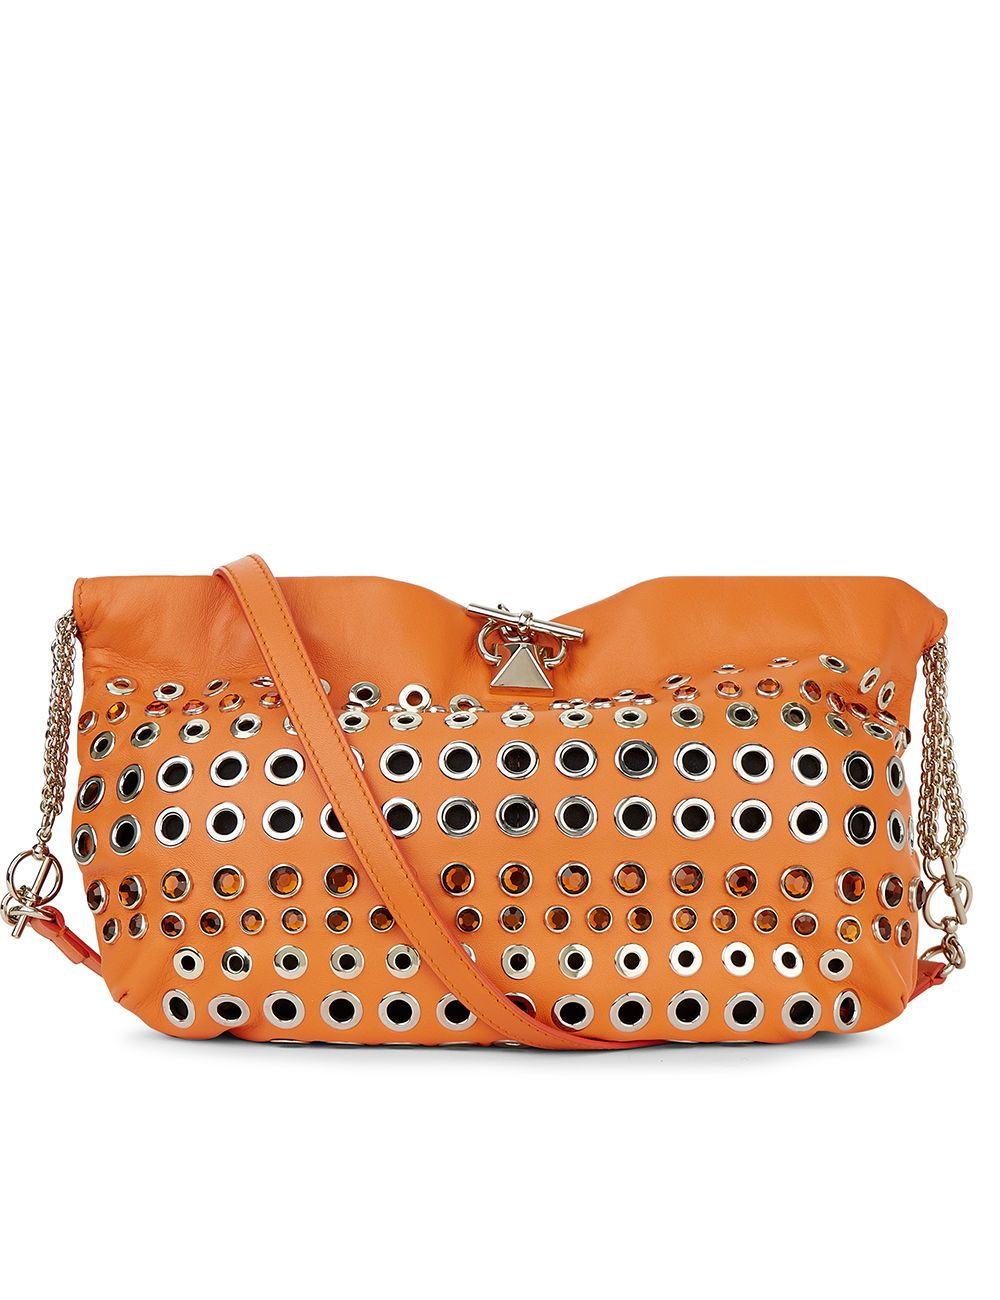 SONIA RYKIEL Orange Leather Crystal Eyelet Bag. #soniarykiel #bags #stone #lining #shoulder bags #crystal #suede #hand bags #